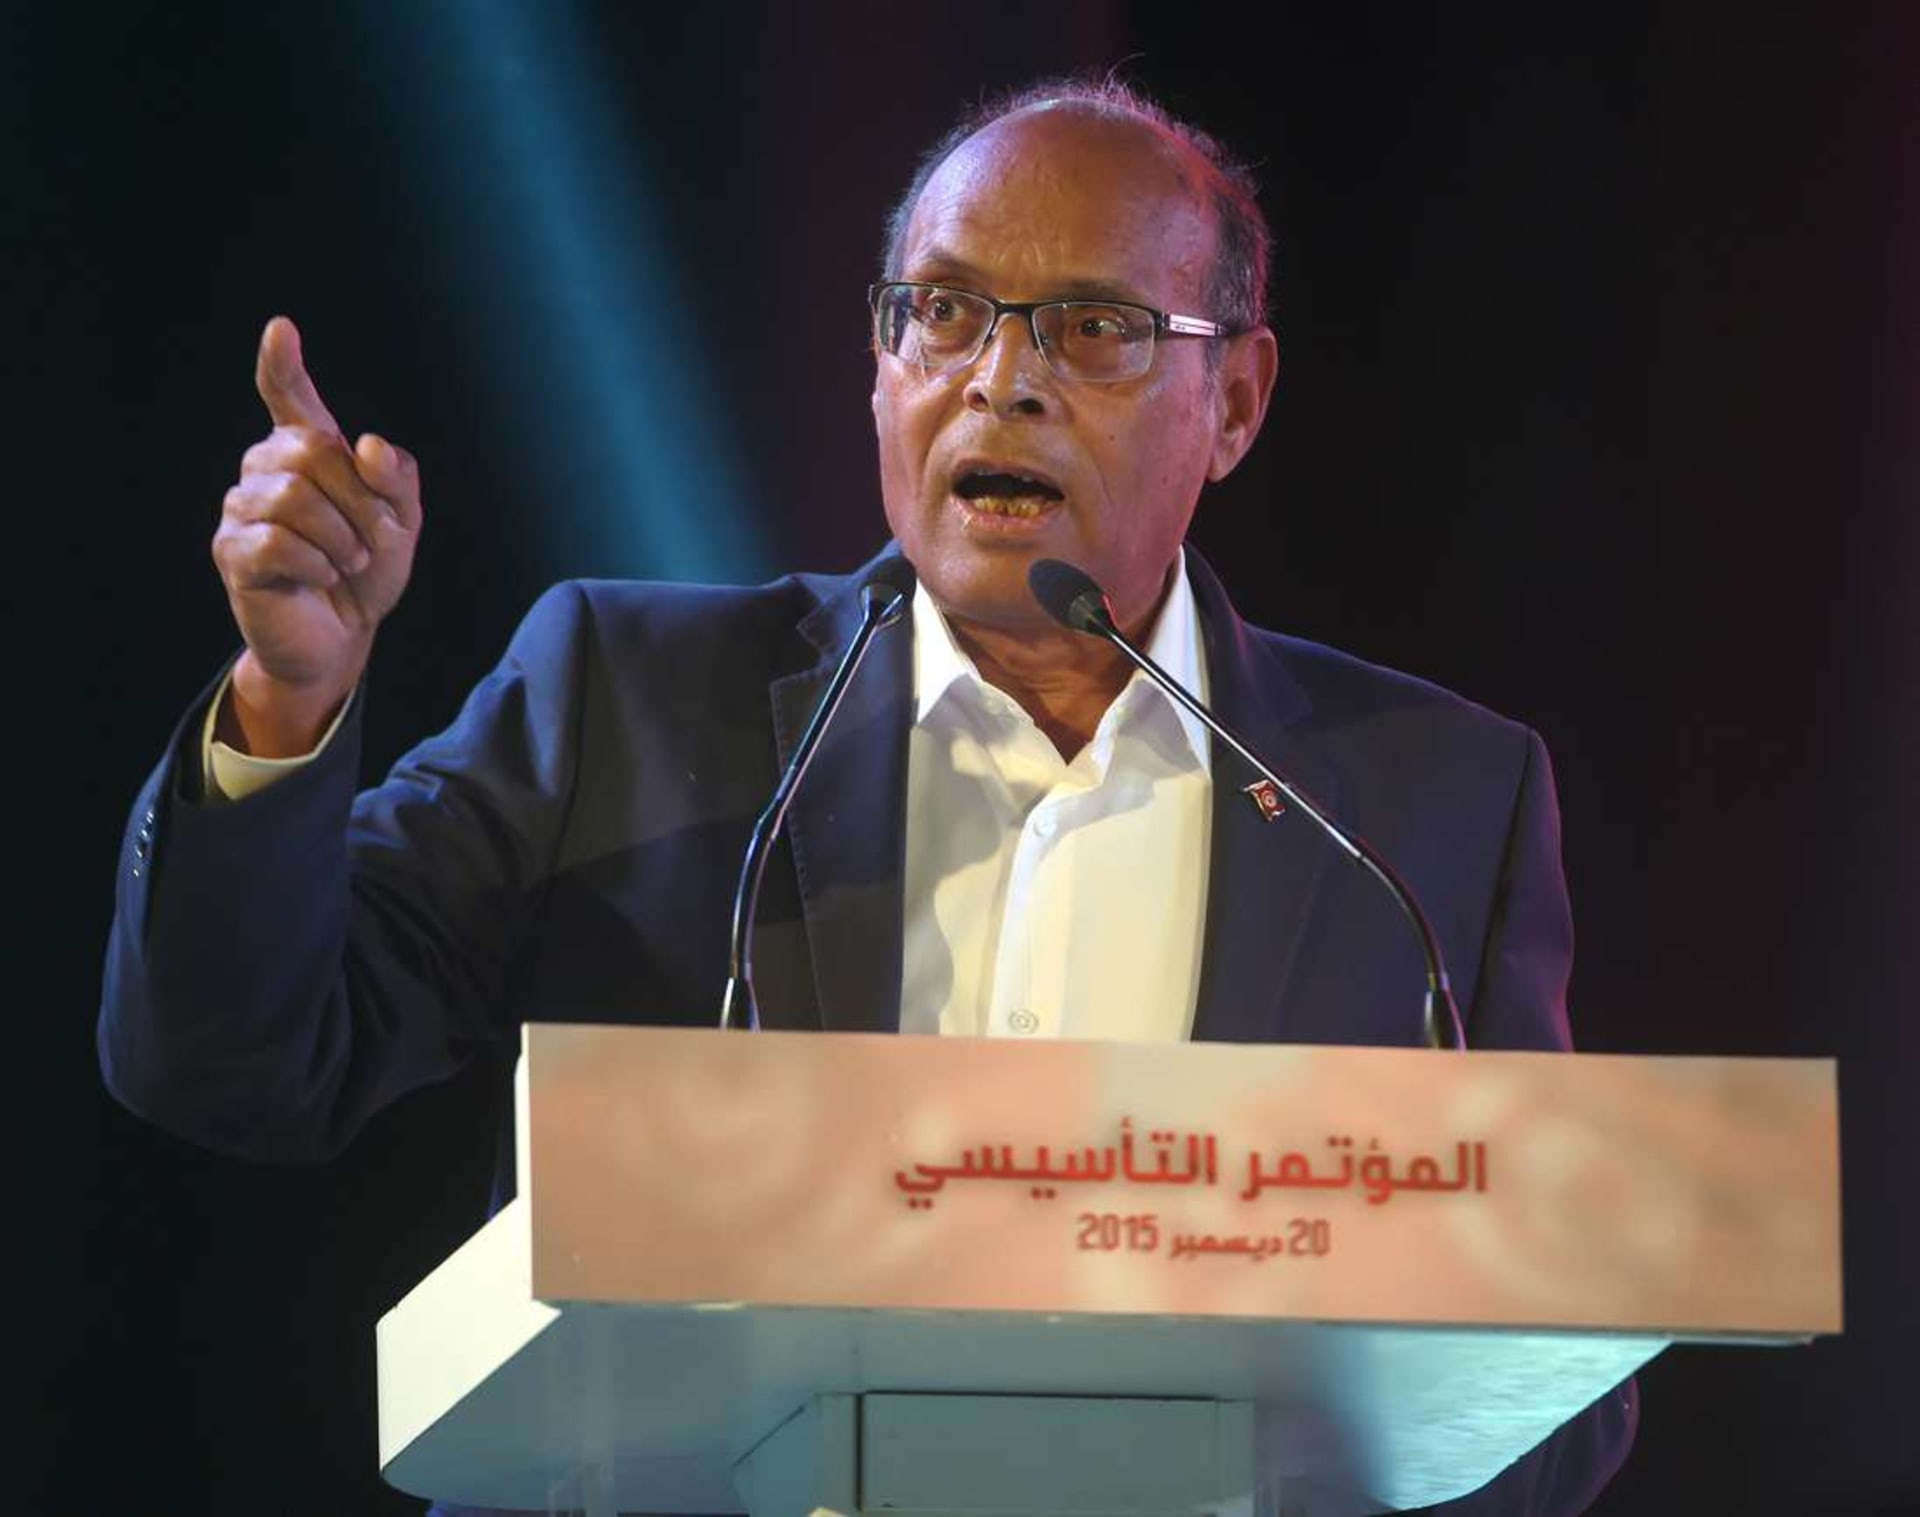 المرزوقي يندّد بإعدام الشيخ نظامي.. وينبه من احتمال تنفيذ النظام المصري لأحكام مشابهة